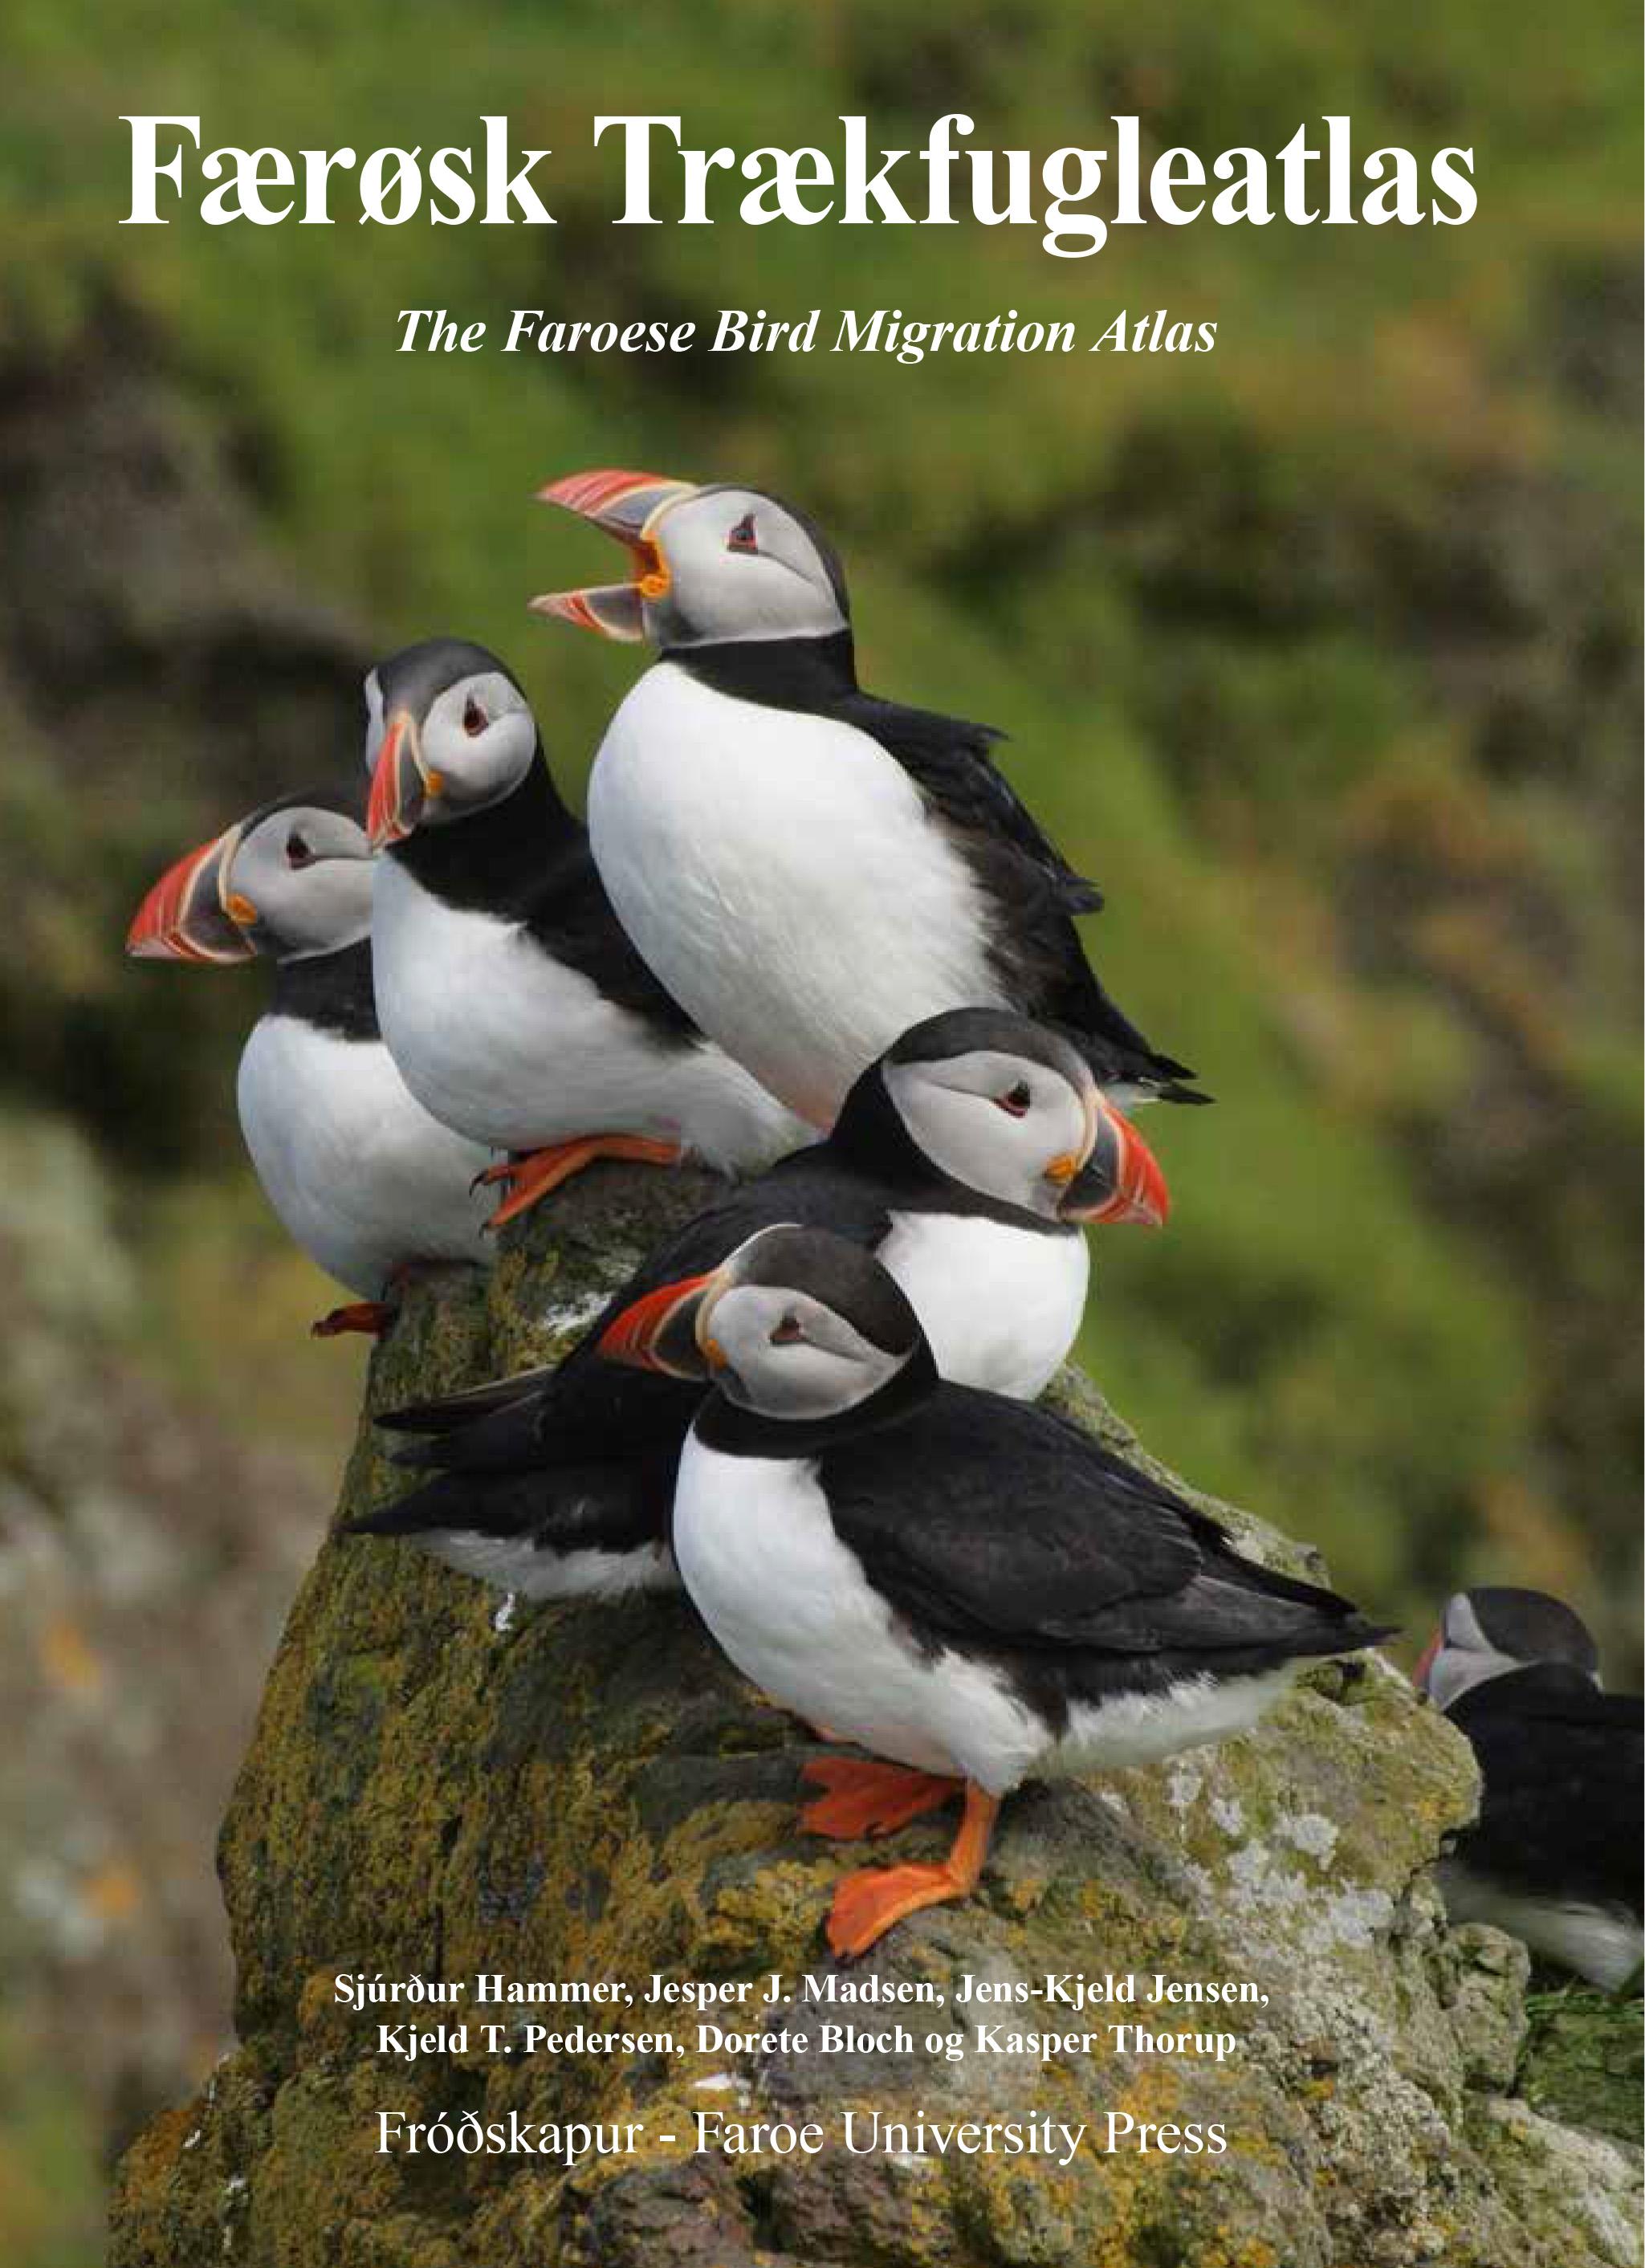 Forsiden af Færøsk Trækfugleatlas.